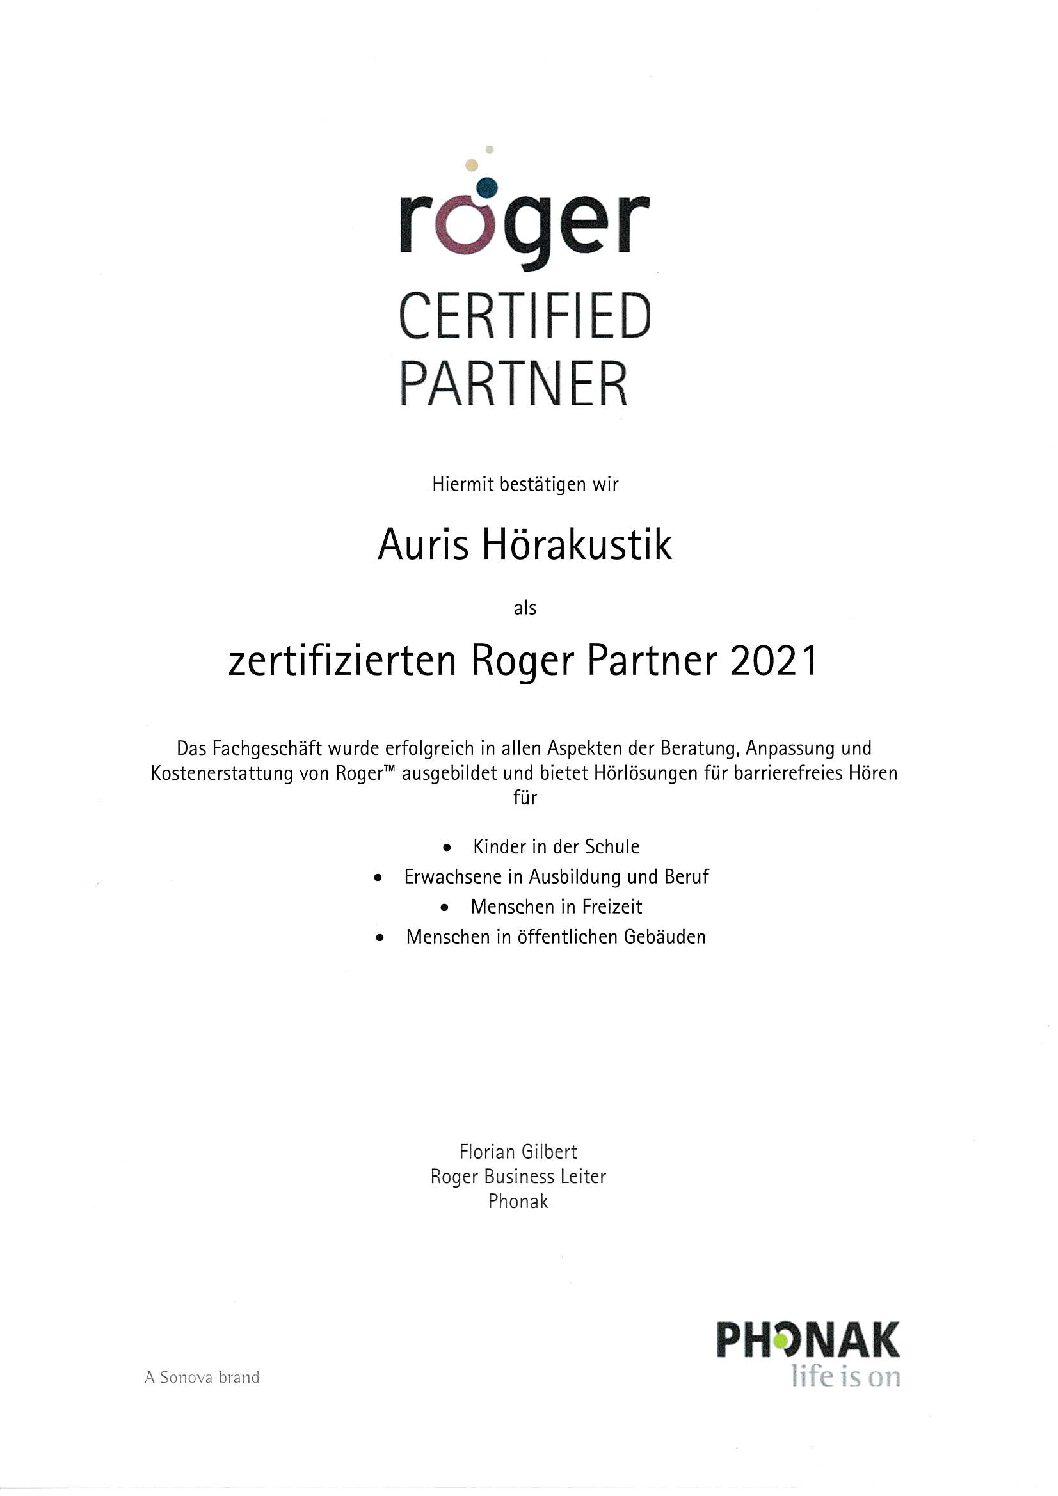 Roger Service Partner 2021